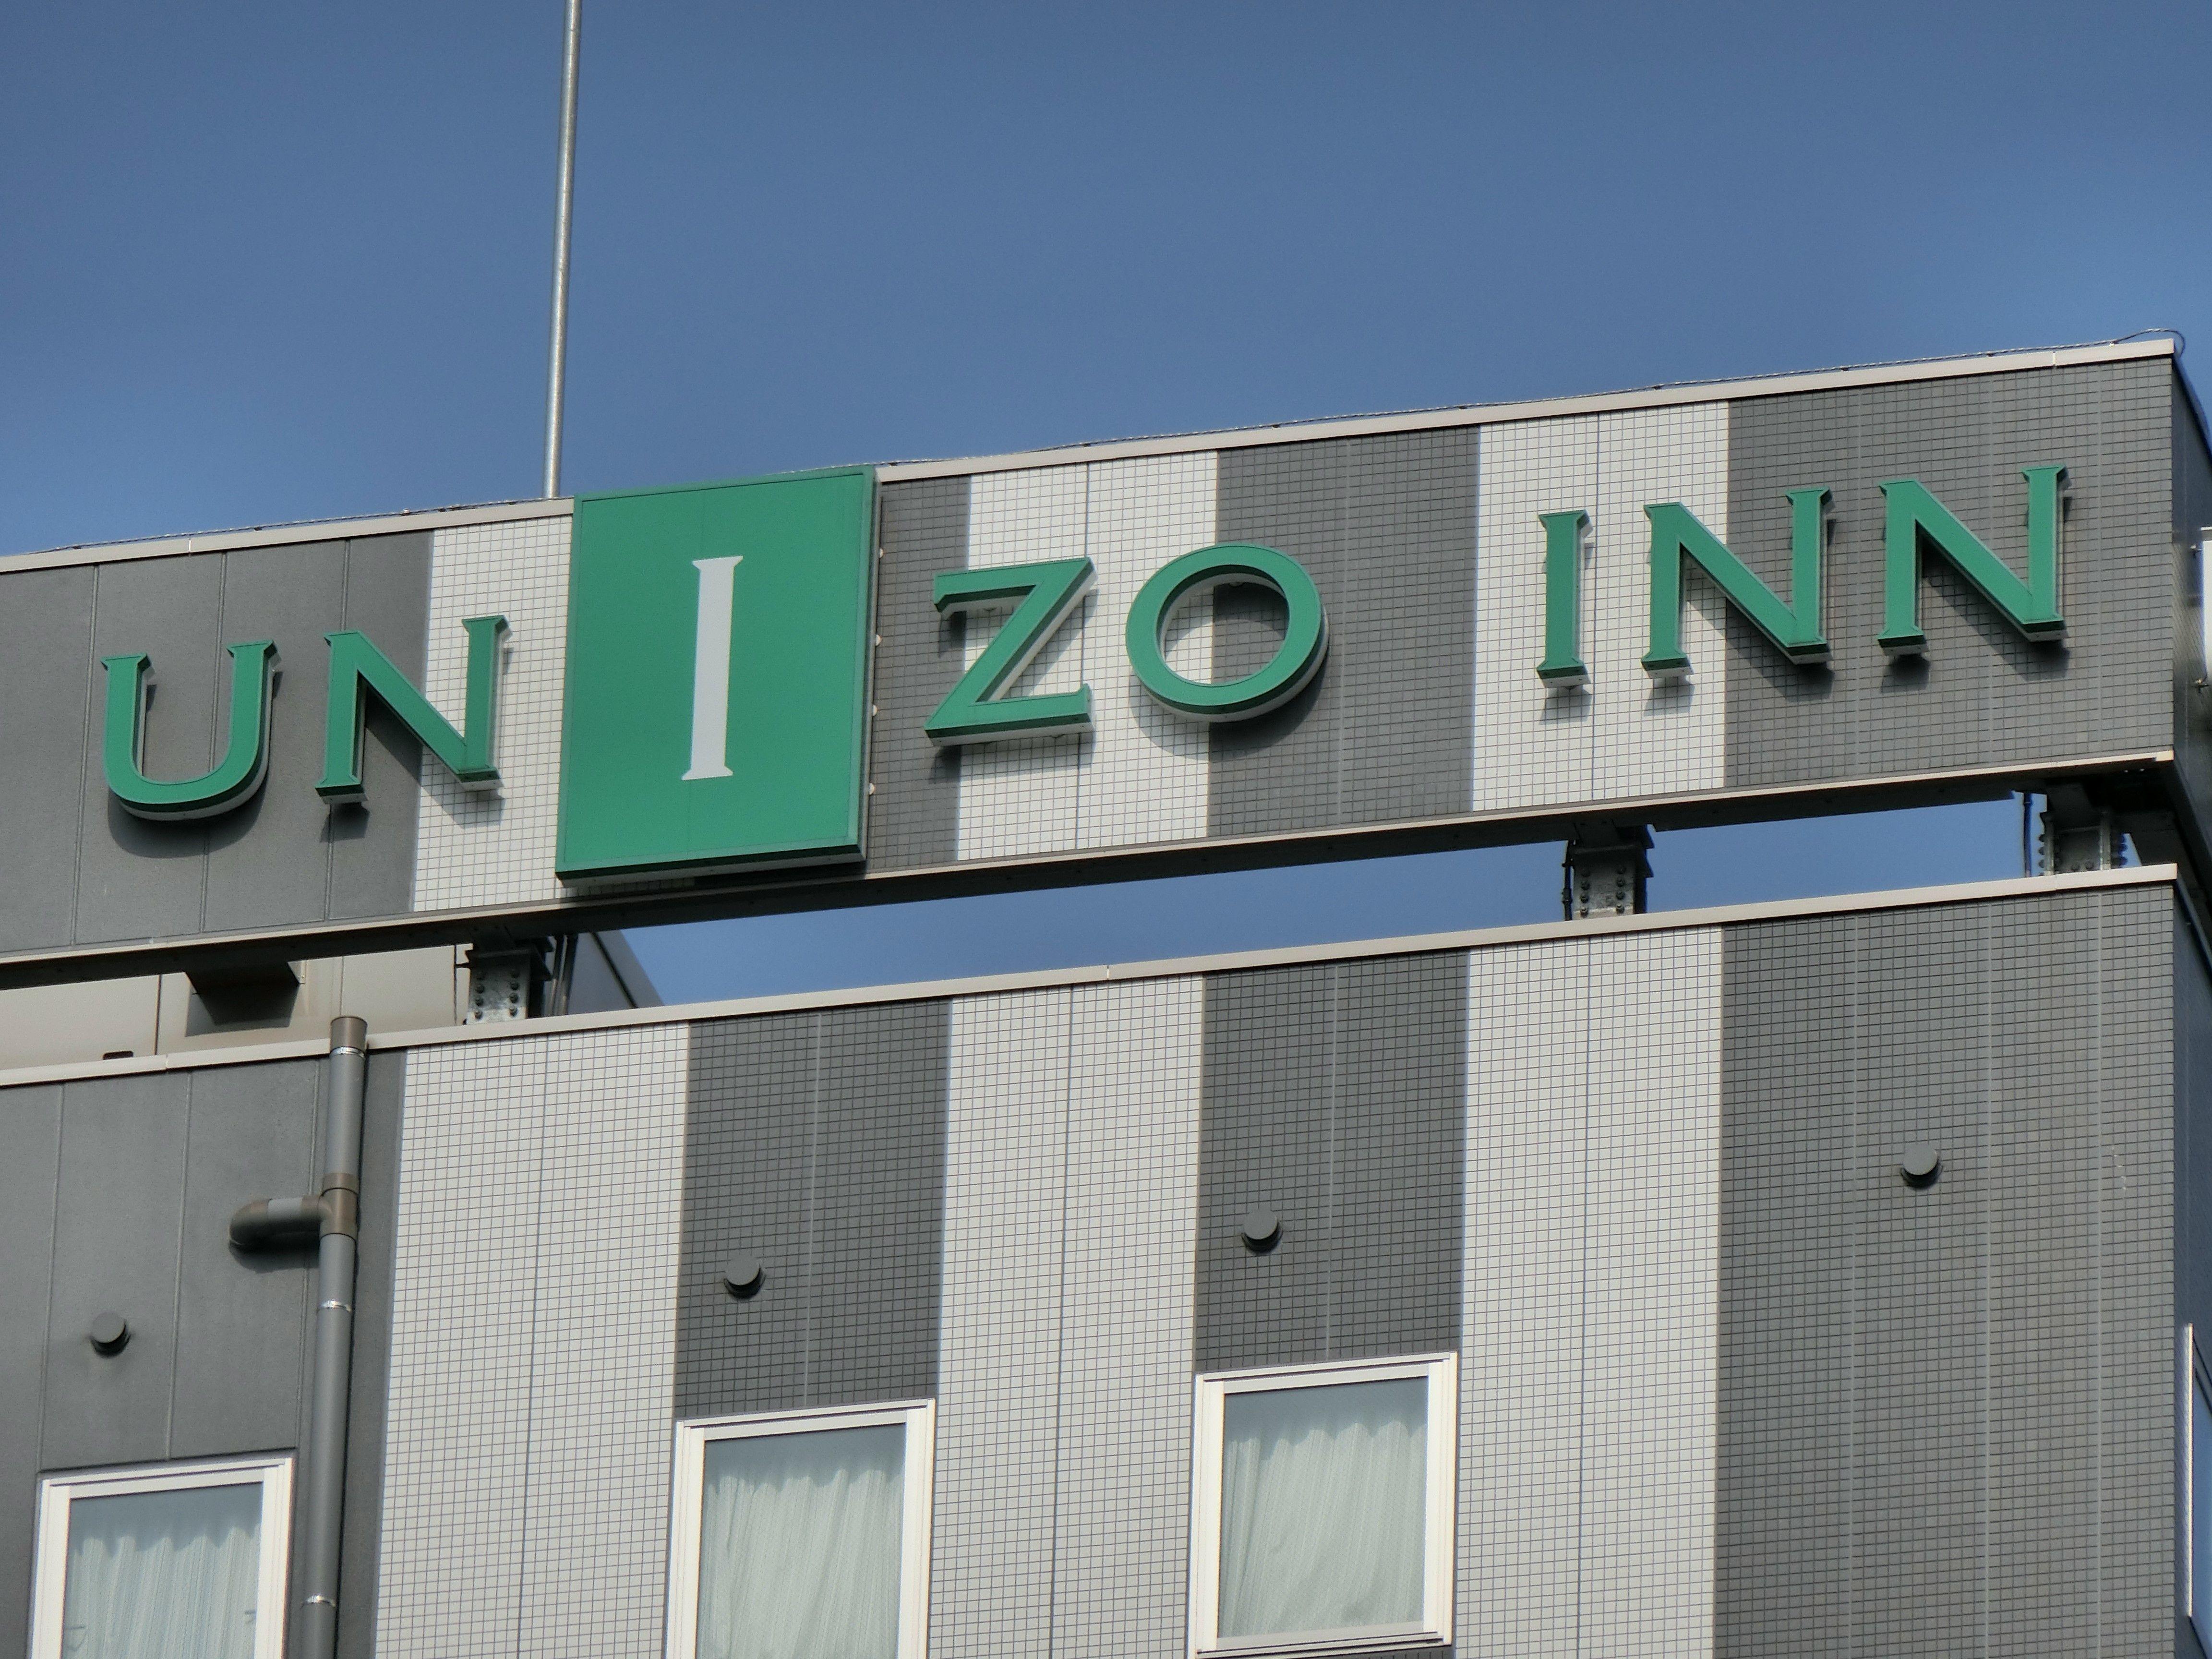 """ユニゾTOB騒動、従業員買収(EBO)の""""奇策""""で局面転回へ"""